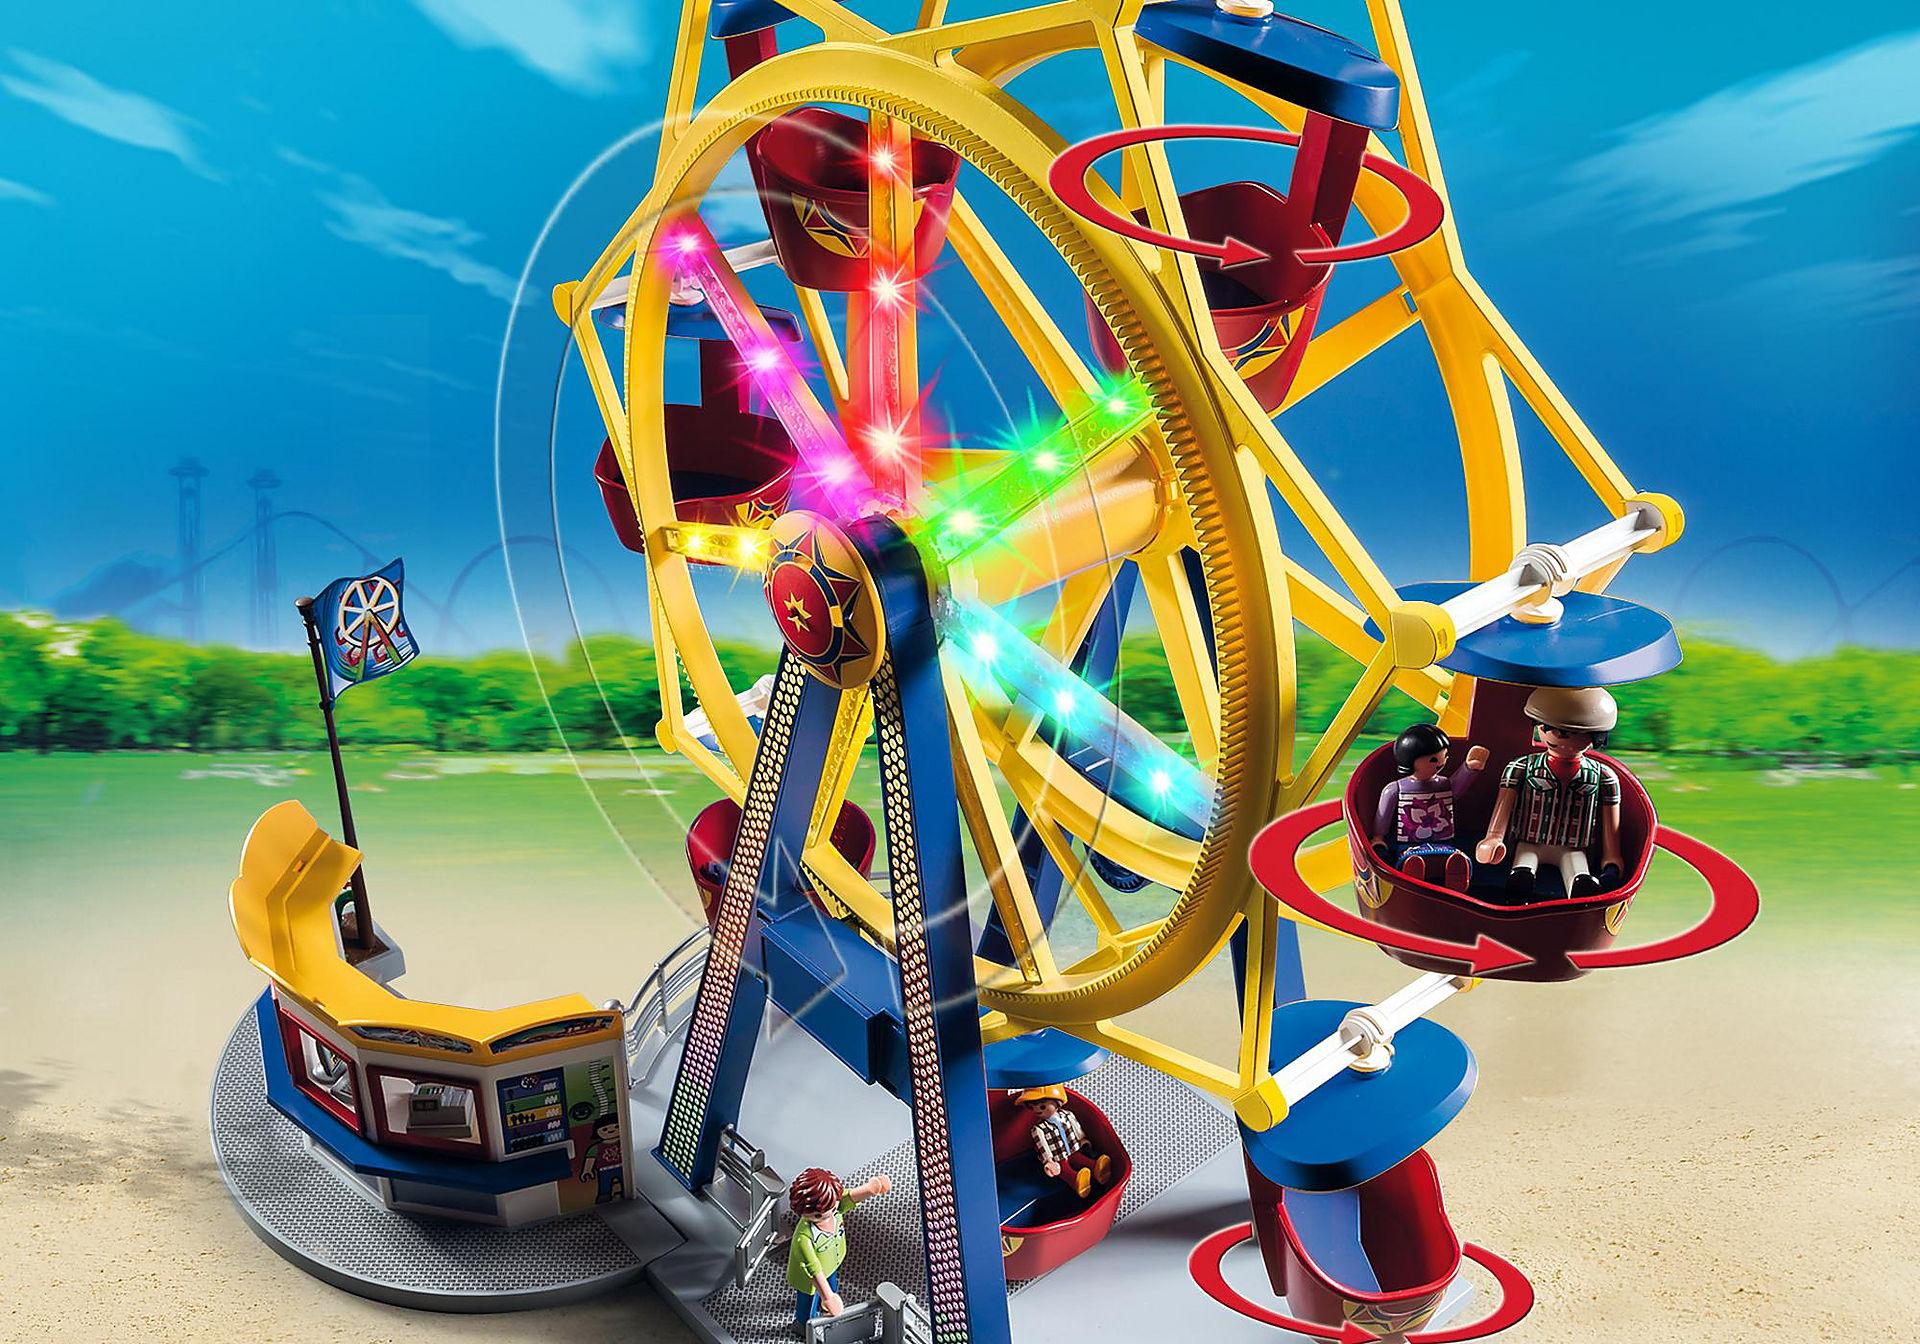 5552 Riesenrad mit bunter Beleuchtung zoom image6